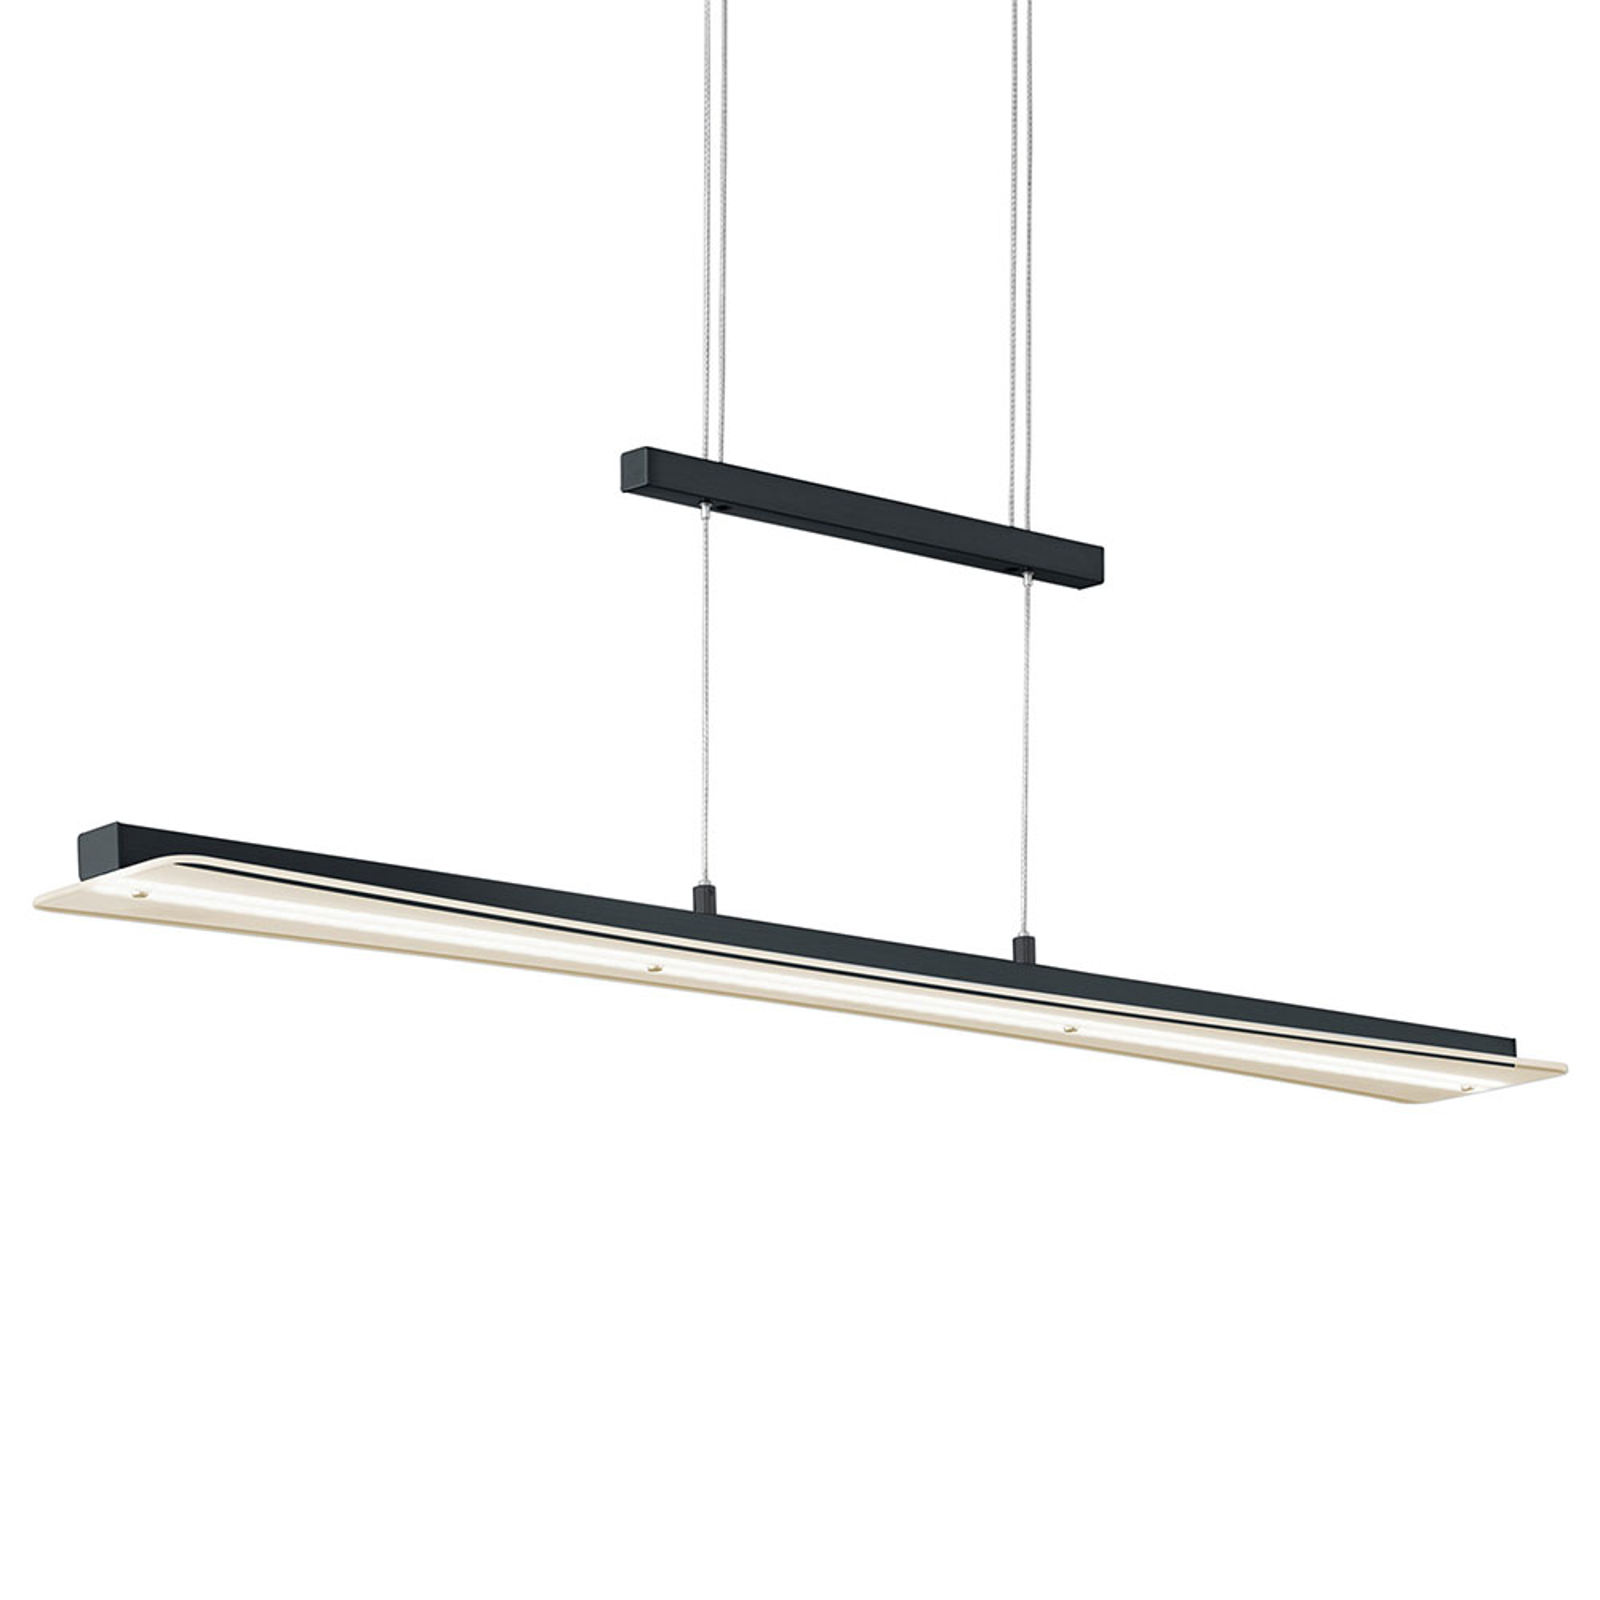 LED-Hängeleuchte Smash mit CCT-Funktion, schwarz